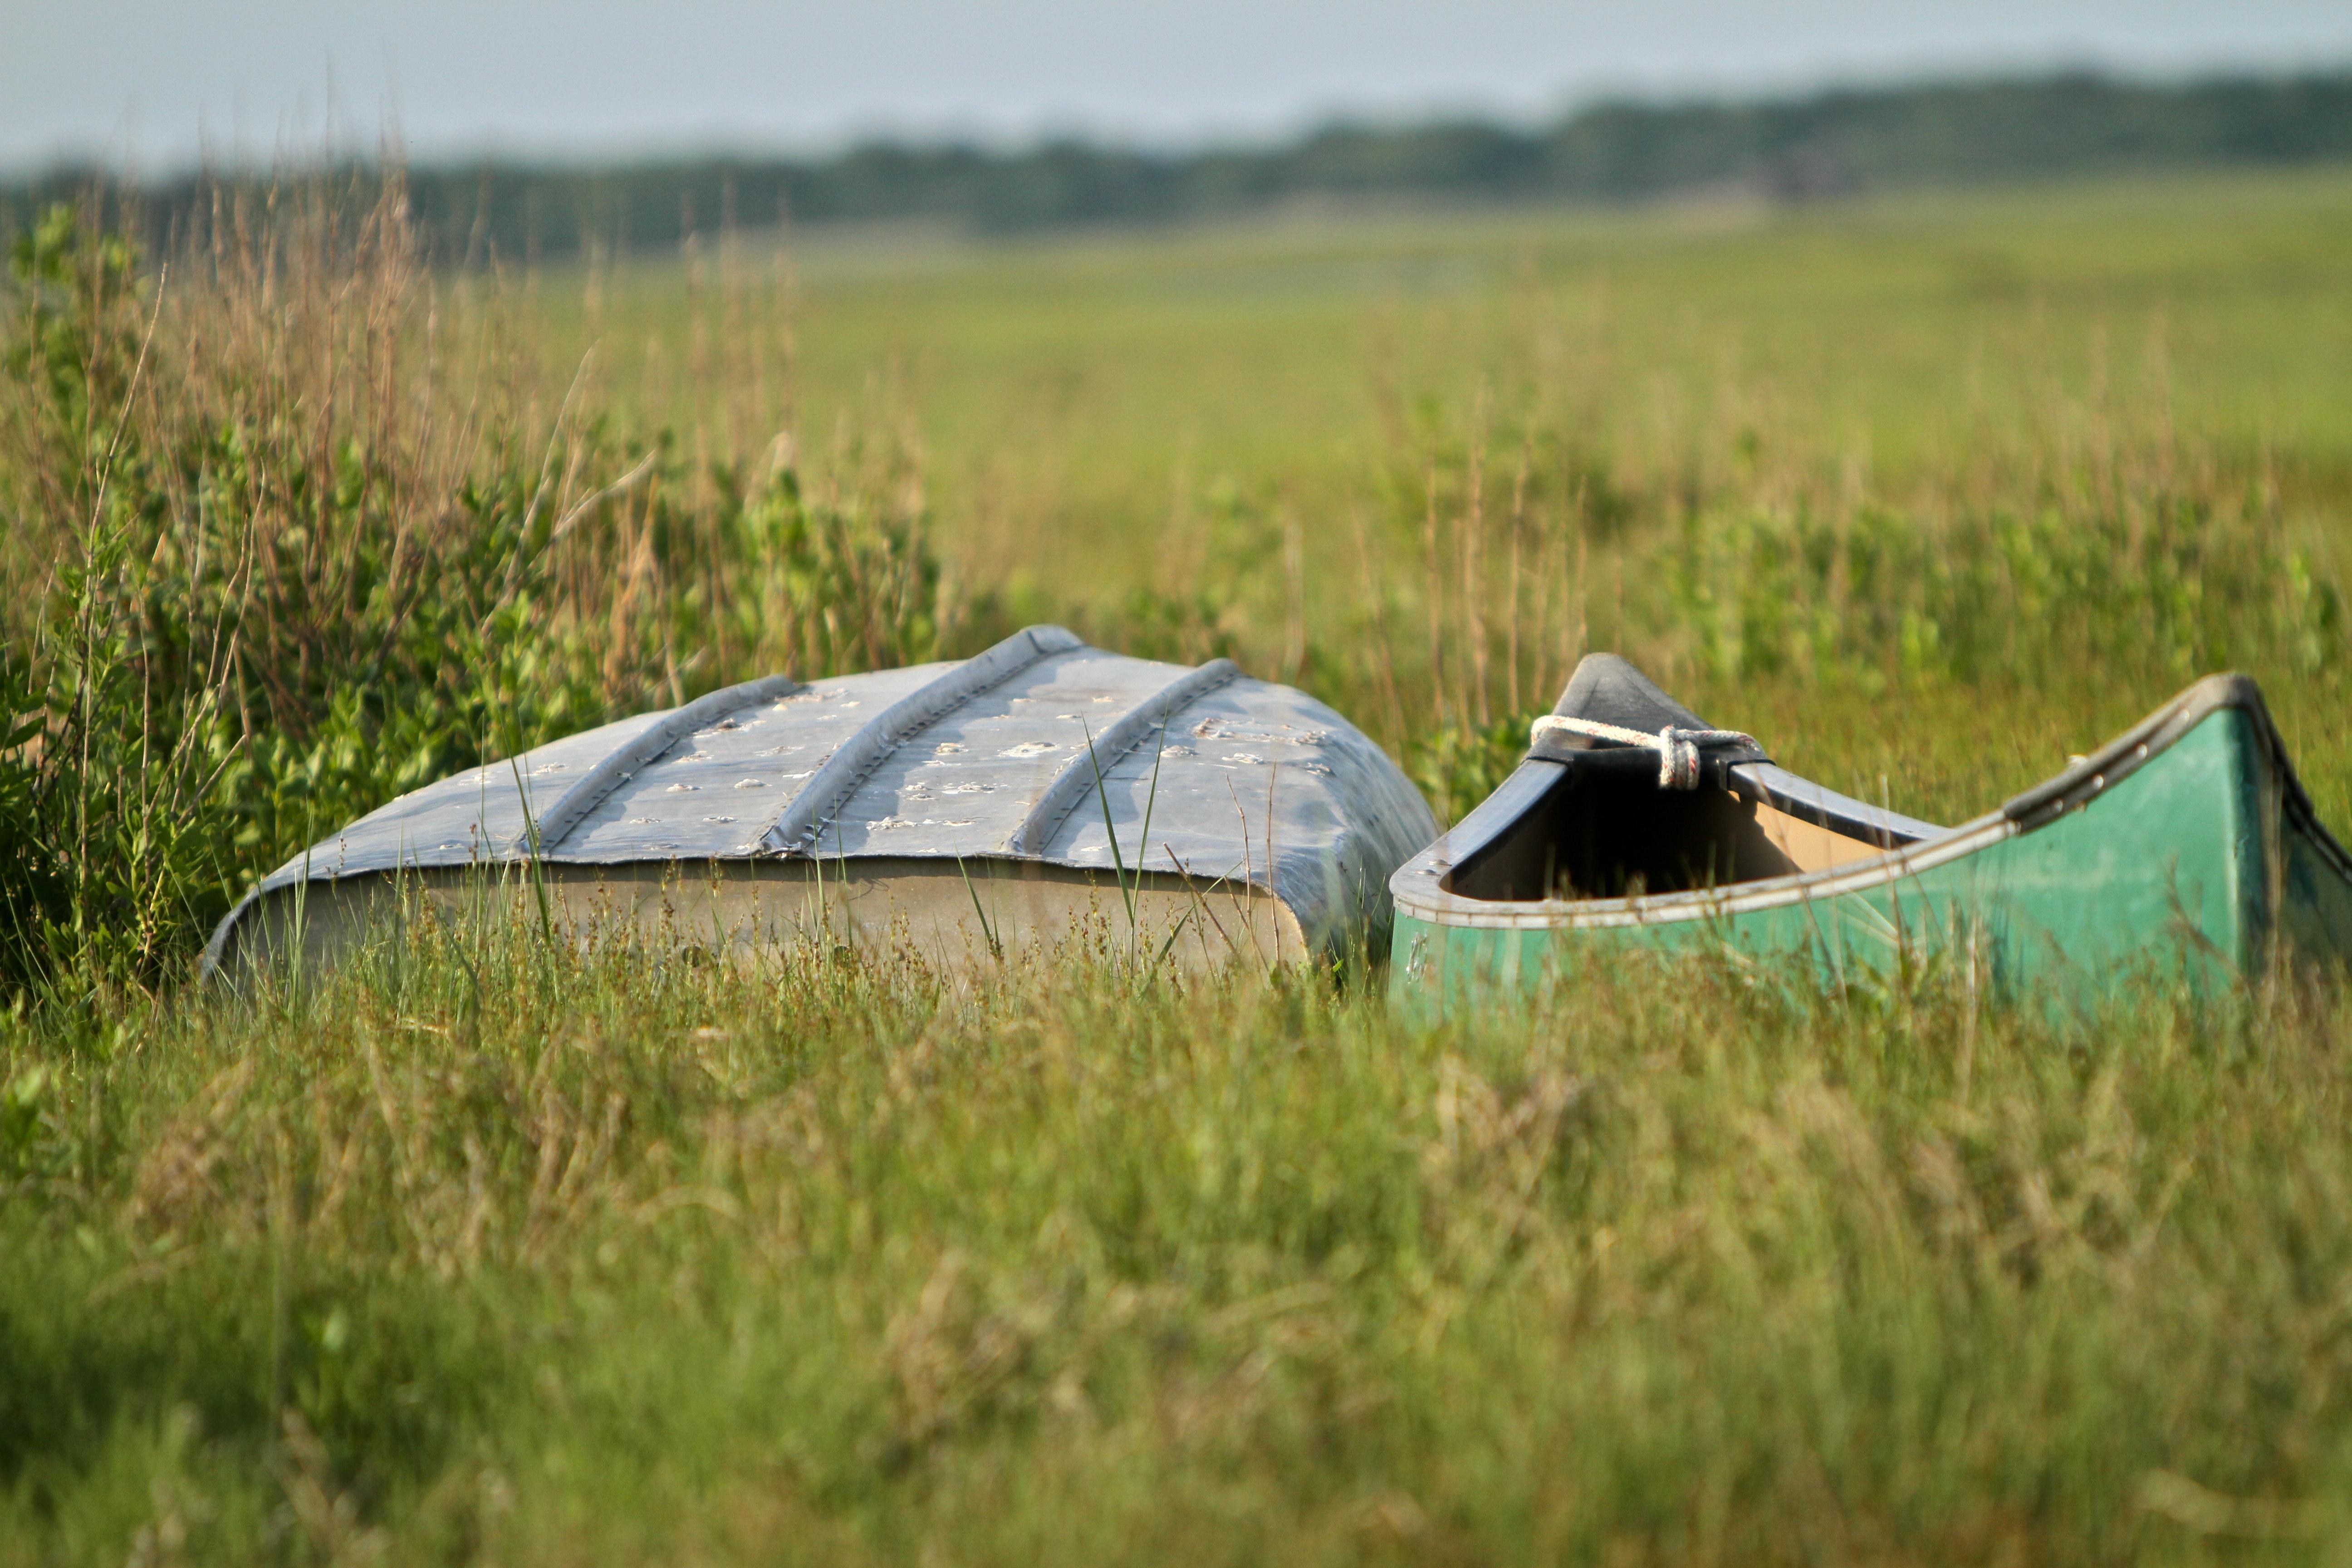 csped ala campo prado ro verde tienda pradera barcos habitat ecosistema rea rural entorno natural kanu